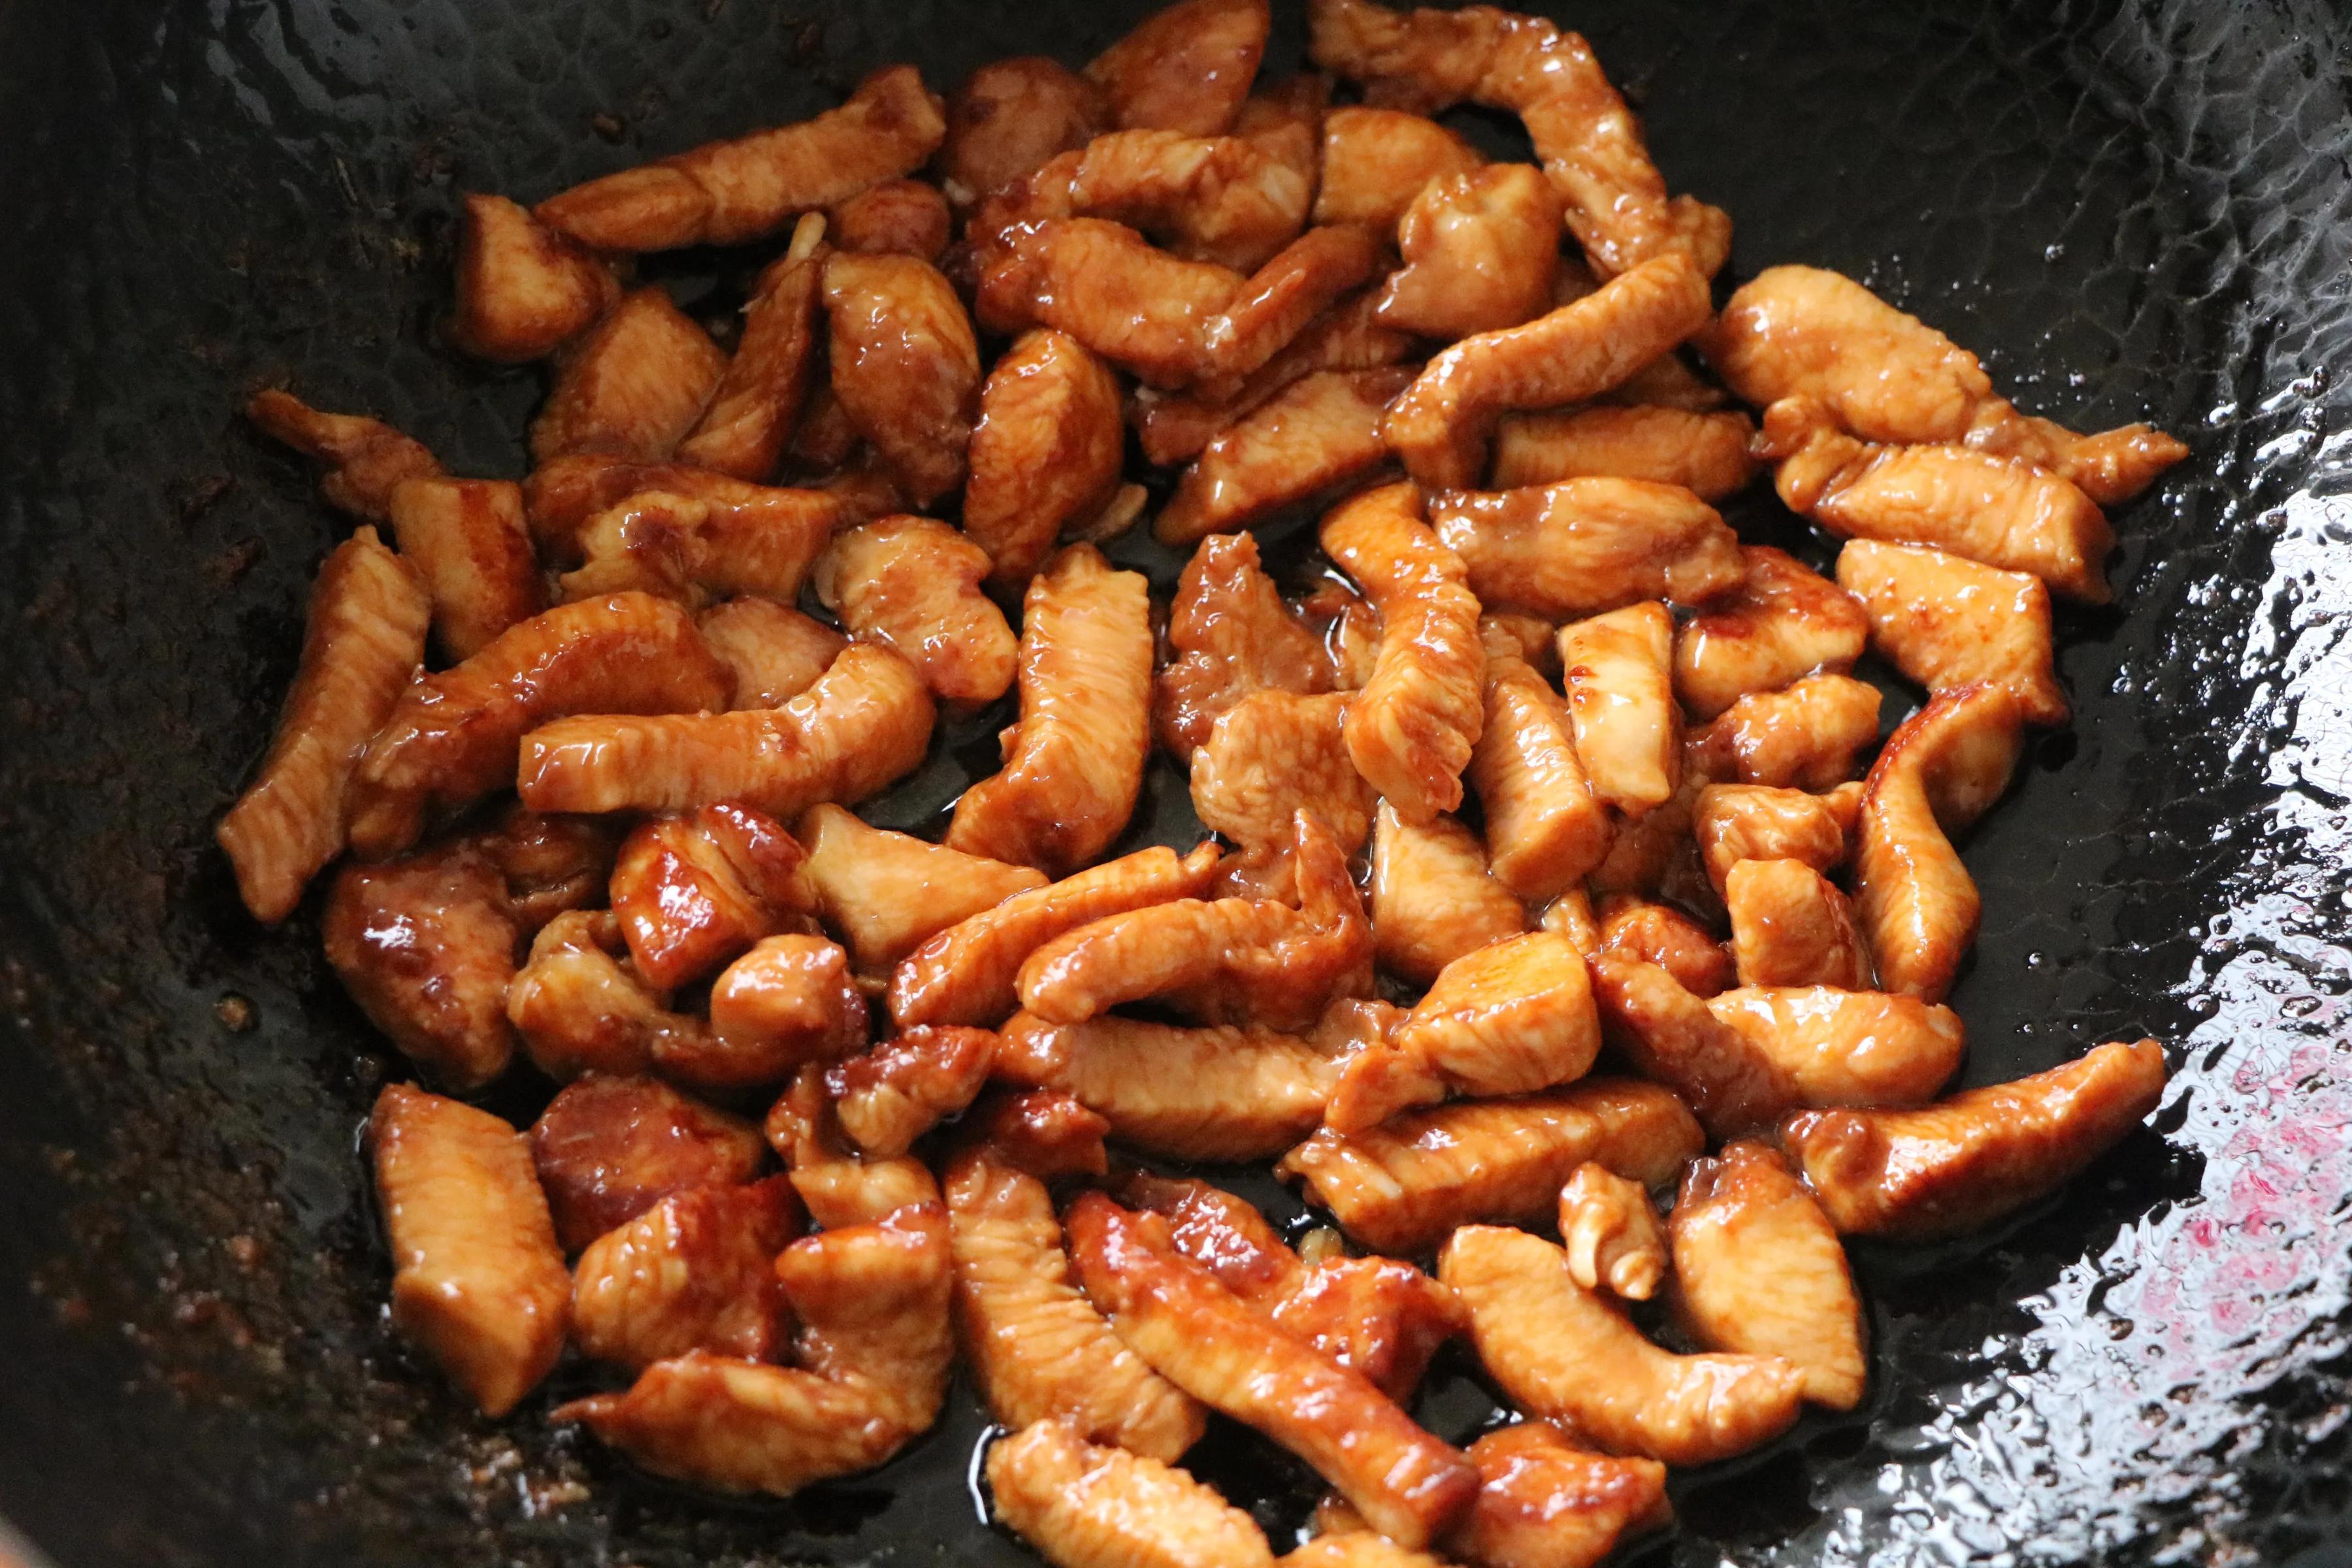 晚餐多吃这道菜,鲜香味美又营养,而且低脂吃不胖,特别下饭! 美食做法 第9张